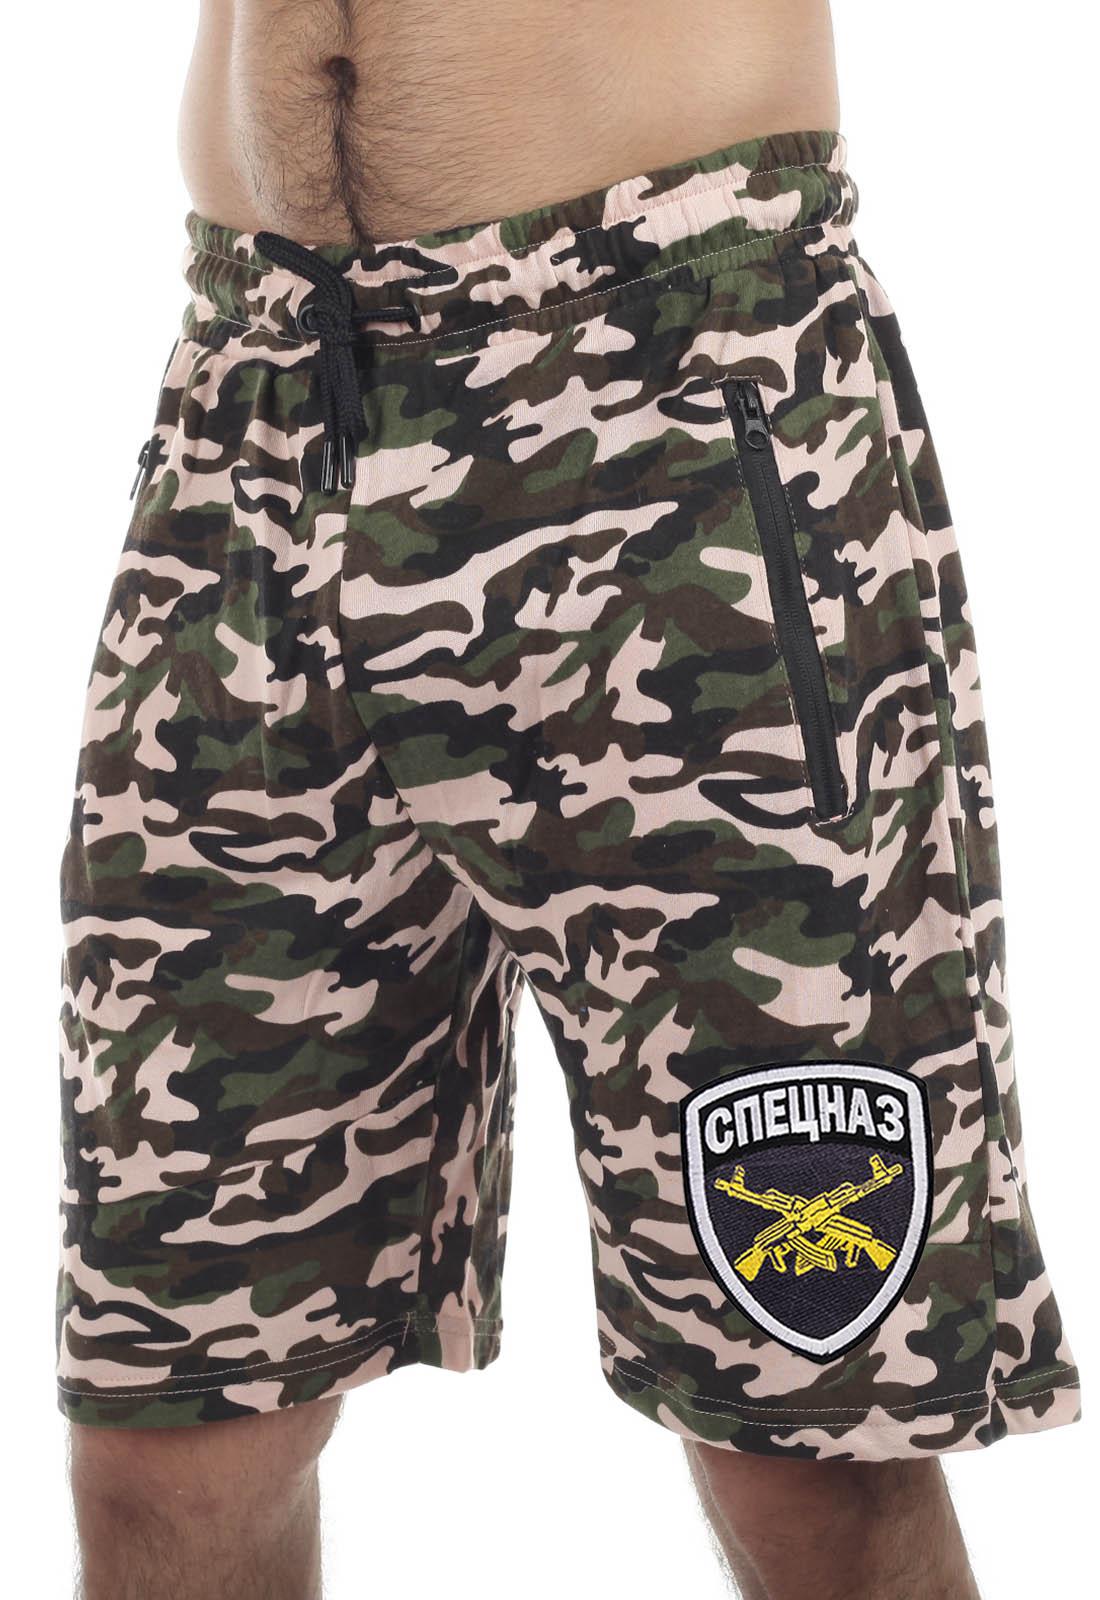 Купить с доставкой камуфляжные мужские шорты СПЕЦНАЗ в интернет магазине Военпро